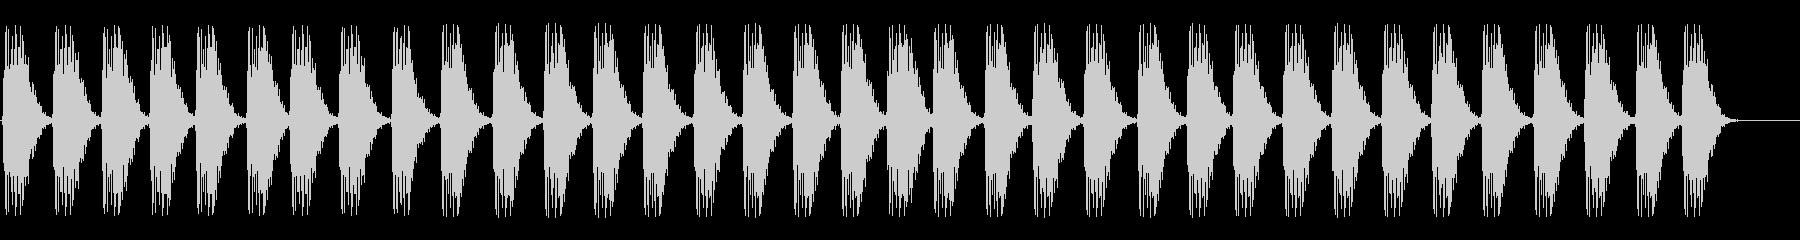 サブウーファー;複数のダークハート...の未再生の波形